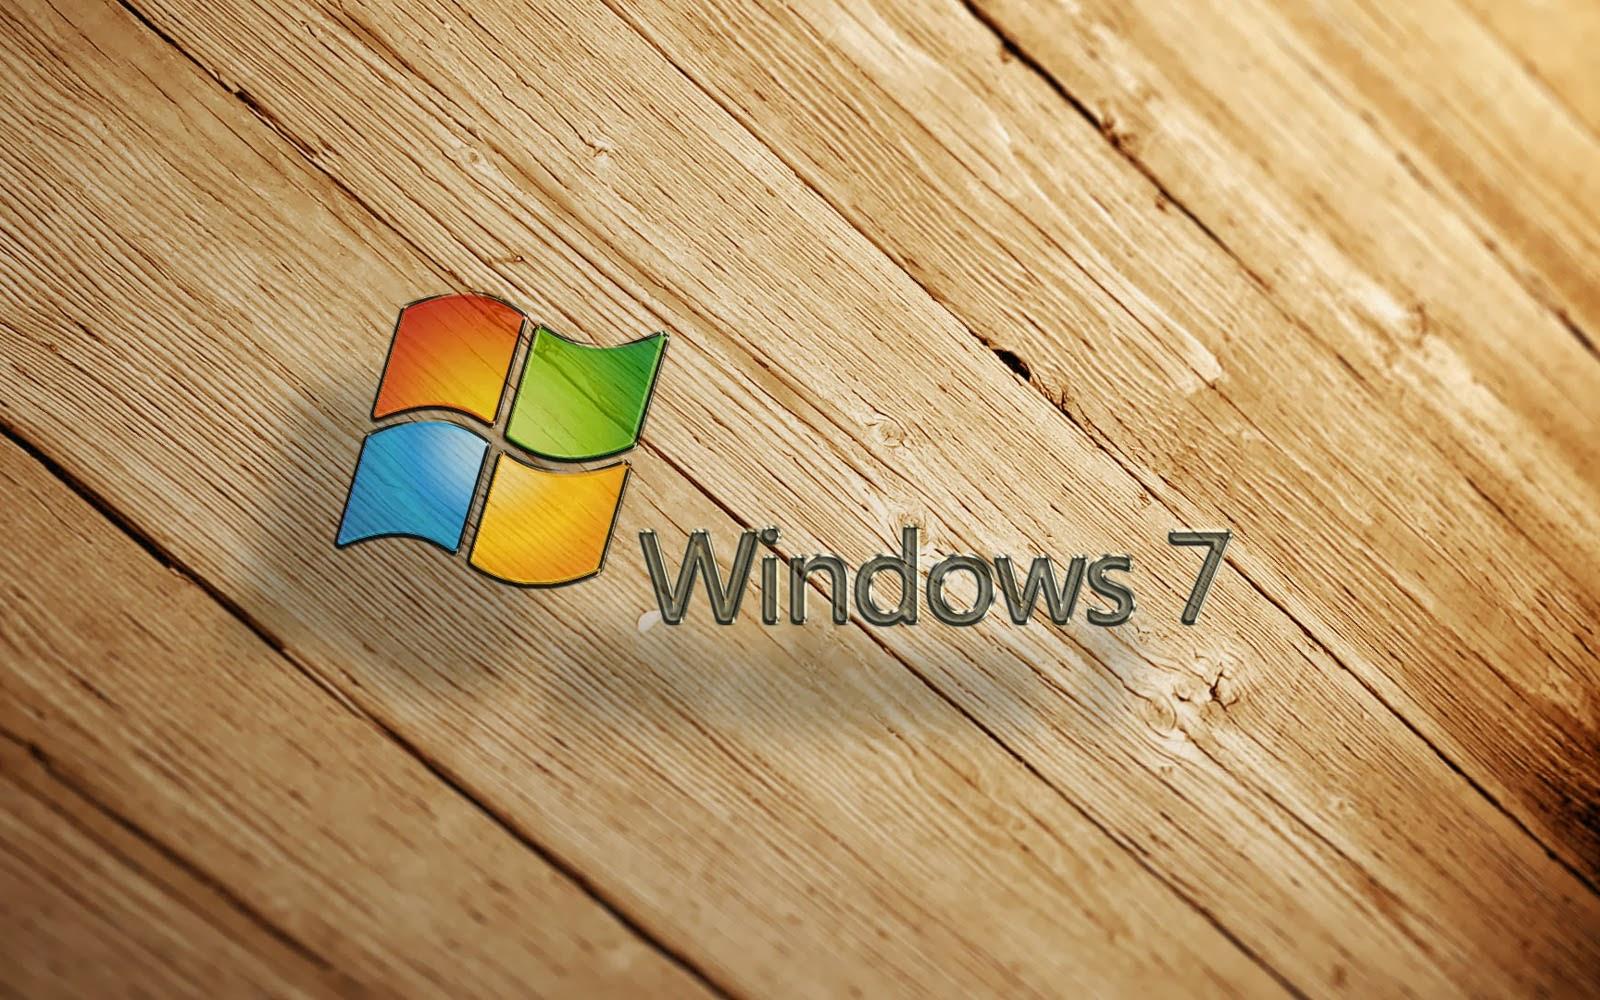 Windows 7 Desktop Wallpapers 3